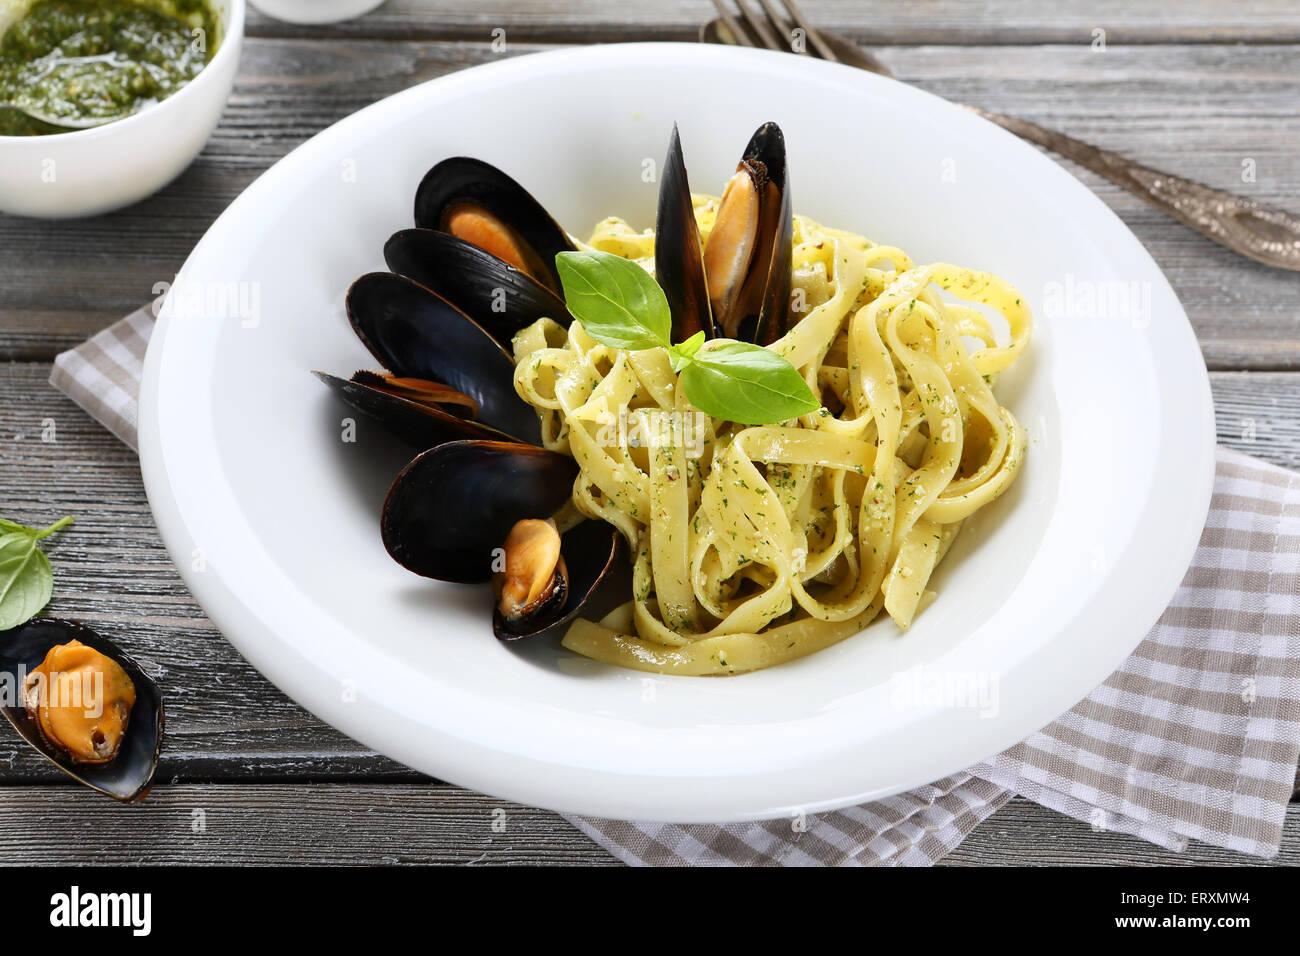 Pâtes aux fruits de mer frais, de l'alimentation Photo Stock